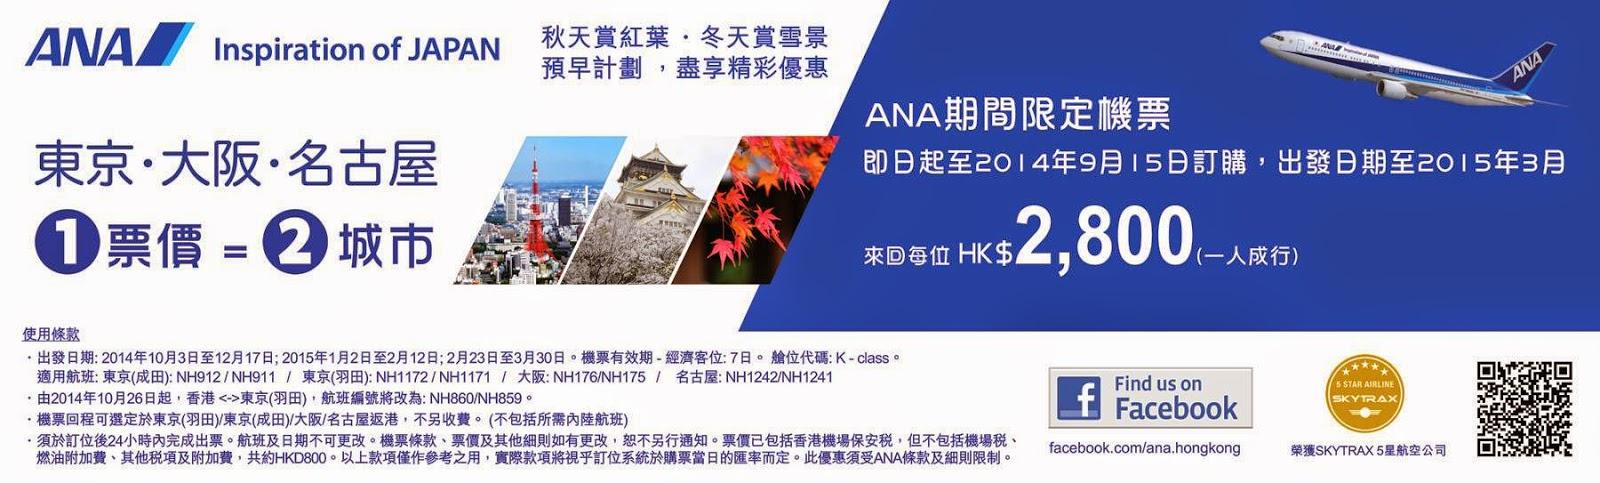 ANA航空期間限定早鳥優惠:香港飛東京/大阪/名古屋來回$2,800起 (優惠期2014年9月15日)